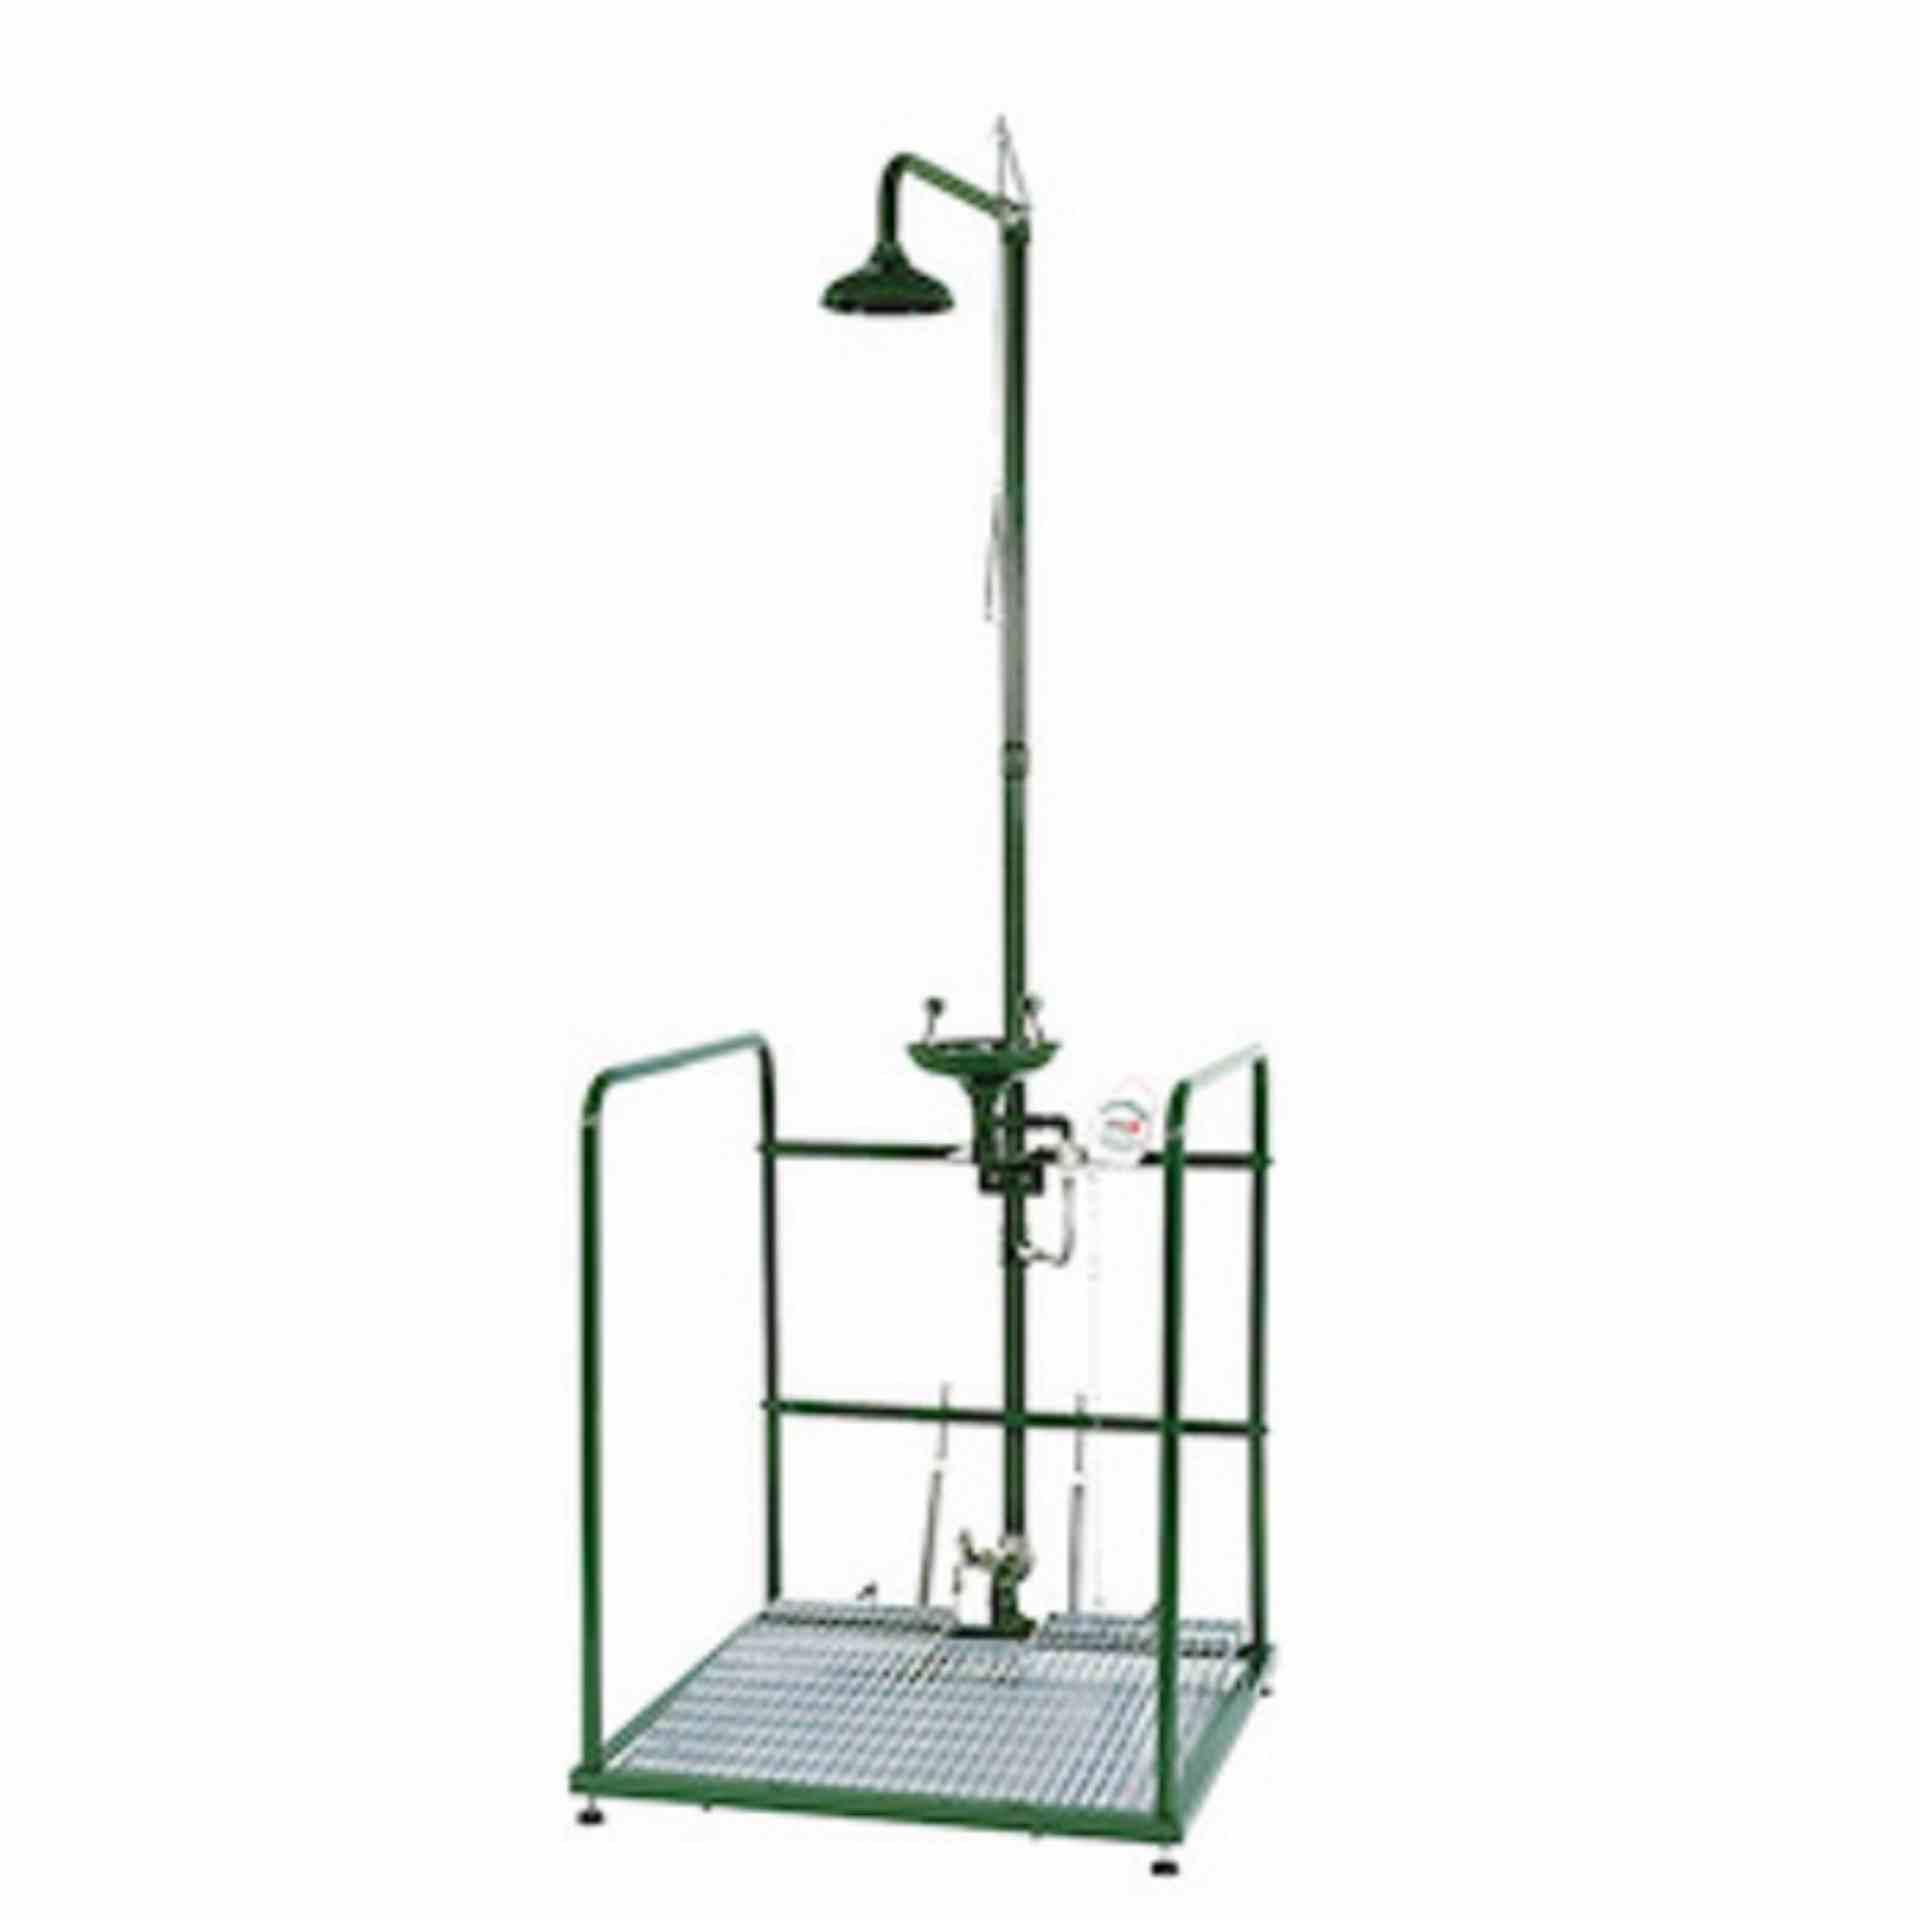 Urządzenie łączone prysznic i oczomyjka na platformie, elementy ze stali nierdzewnej